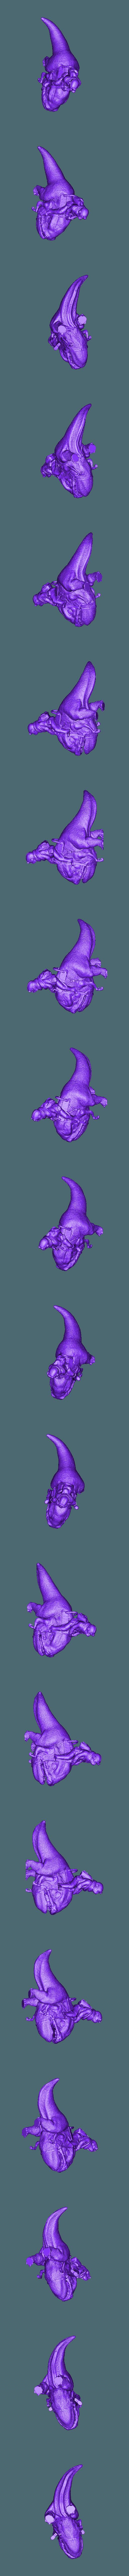 blurrg-w-kuiil-hollow.stl Télécharger fichier STL gratuit Kuiil sur un flurrg • Objet pour imprimante 3D, artspam